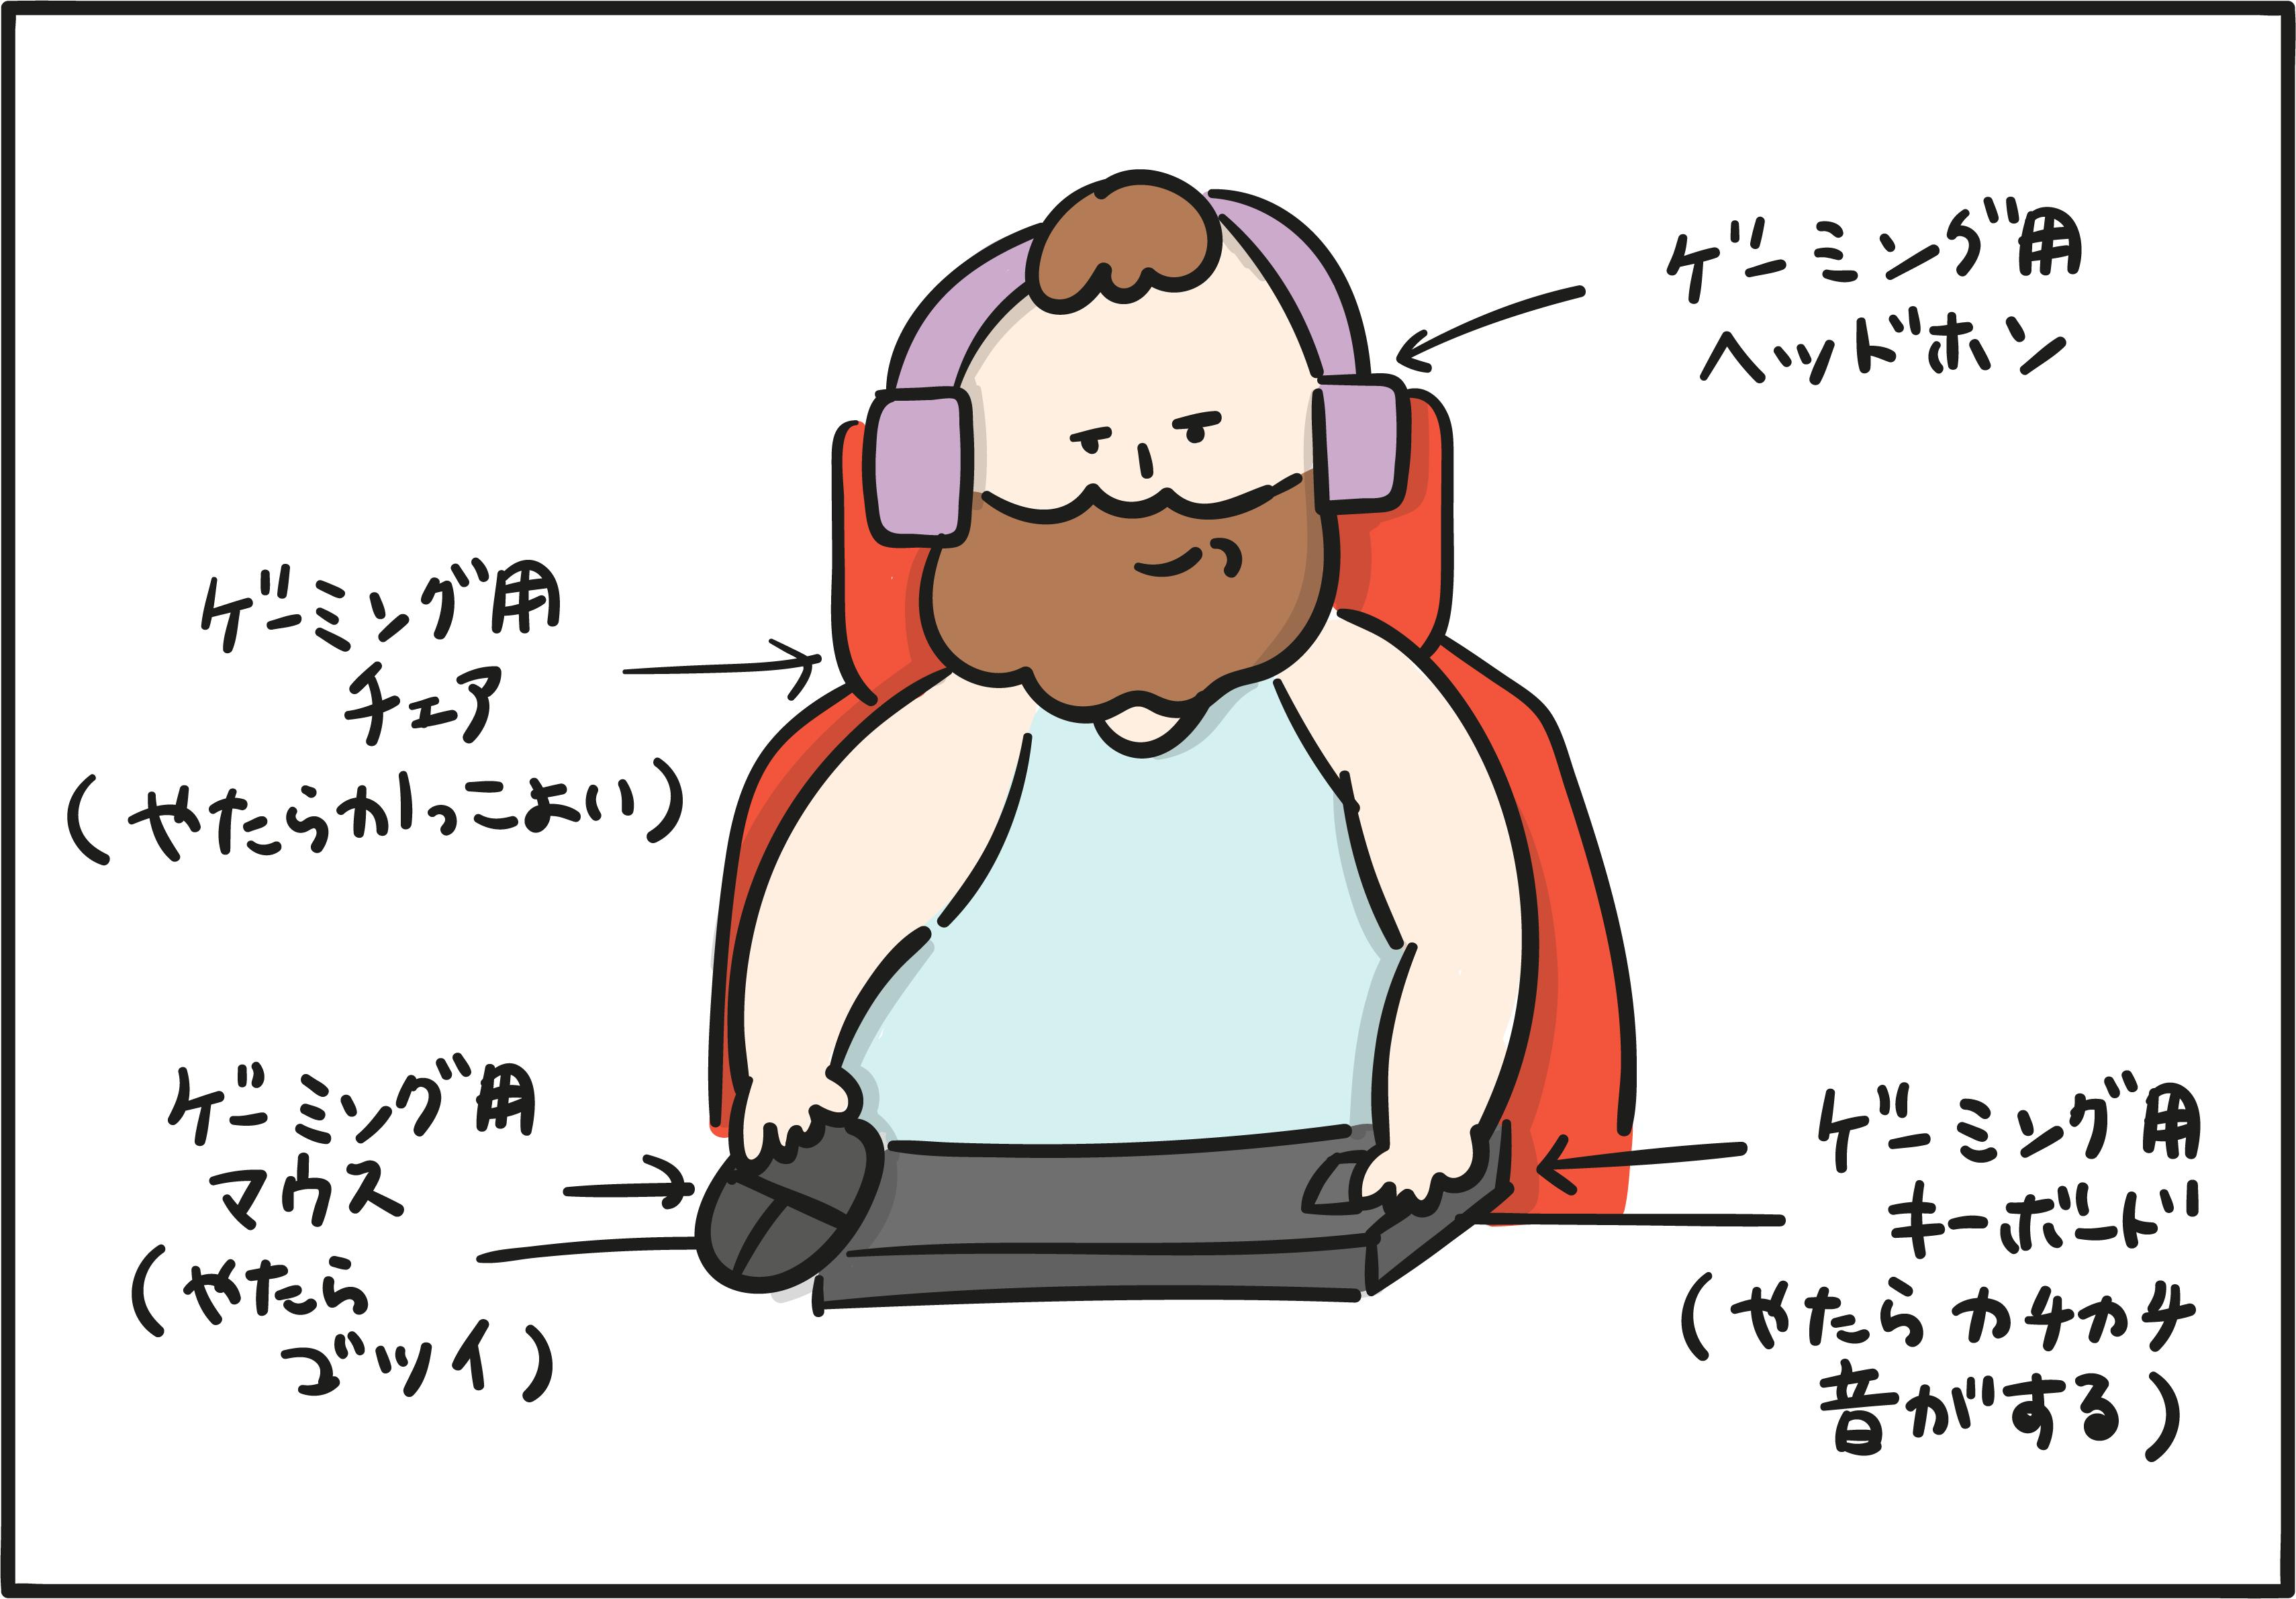 GamerBoyfriend_4